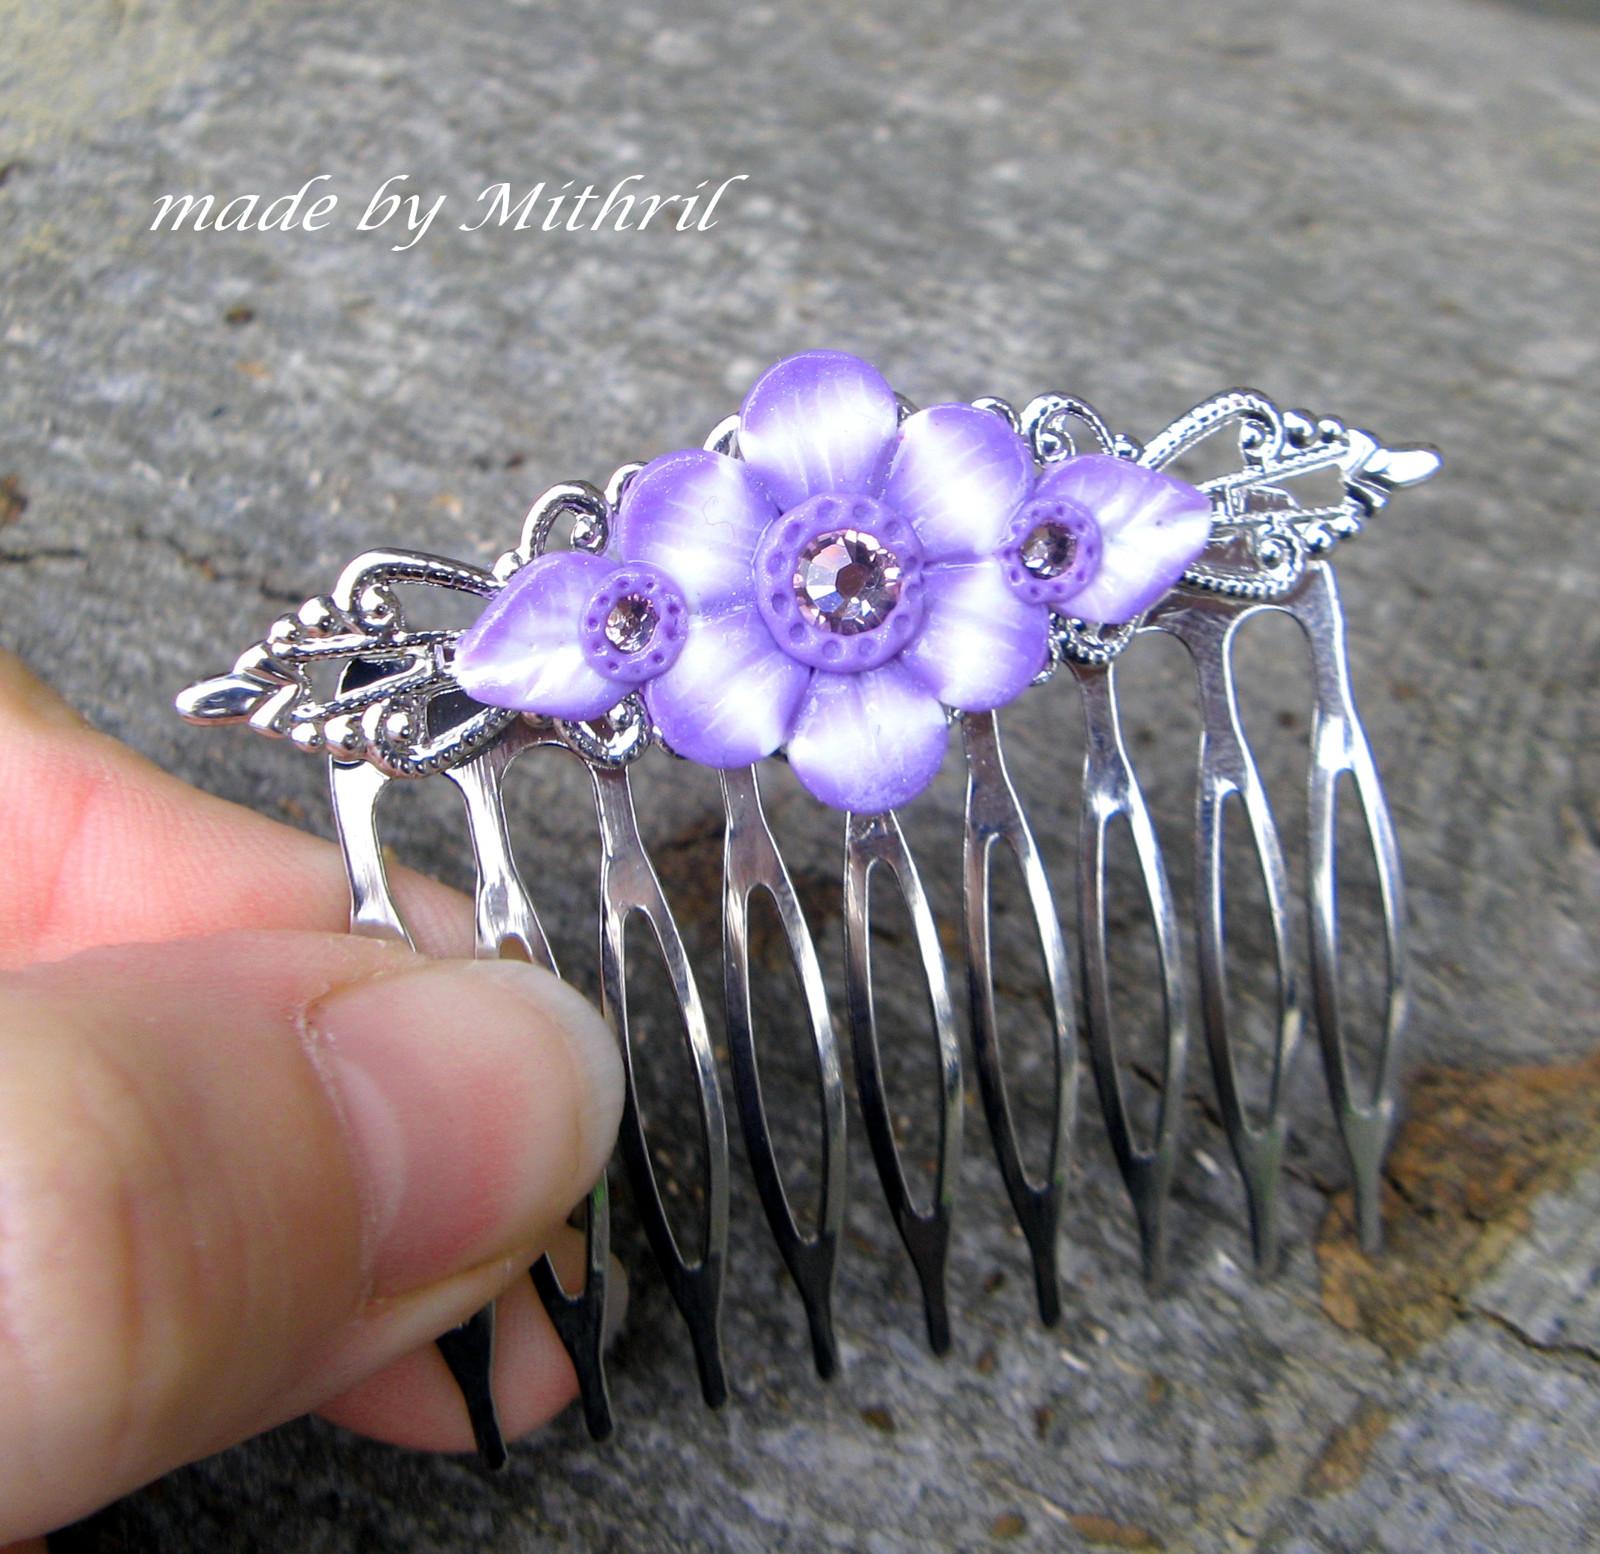 529a3f3c9a1 Filigránový hřebínek do vlasů  něha v lila   Zboží prodejce Mithril ...